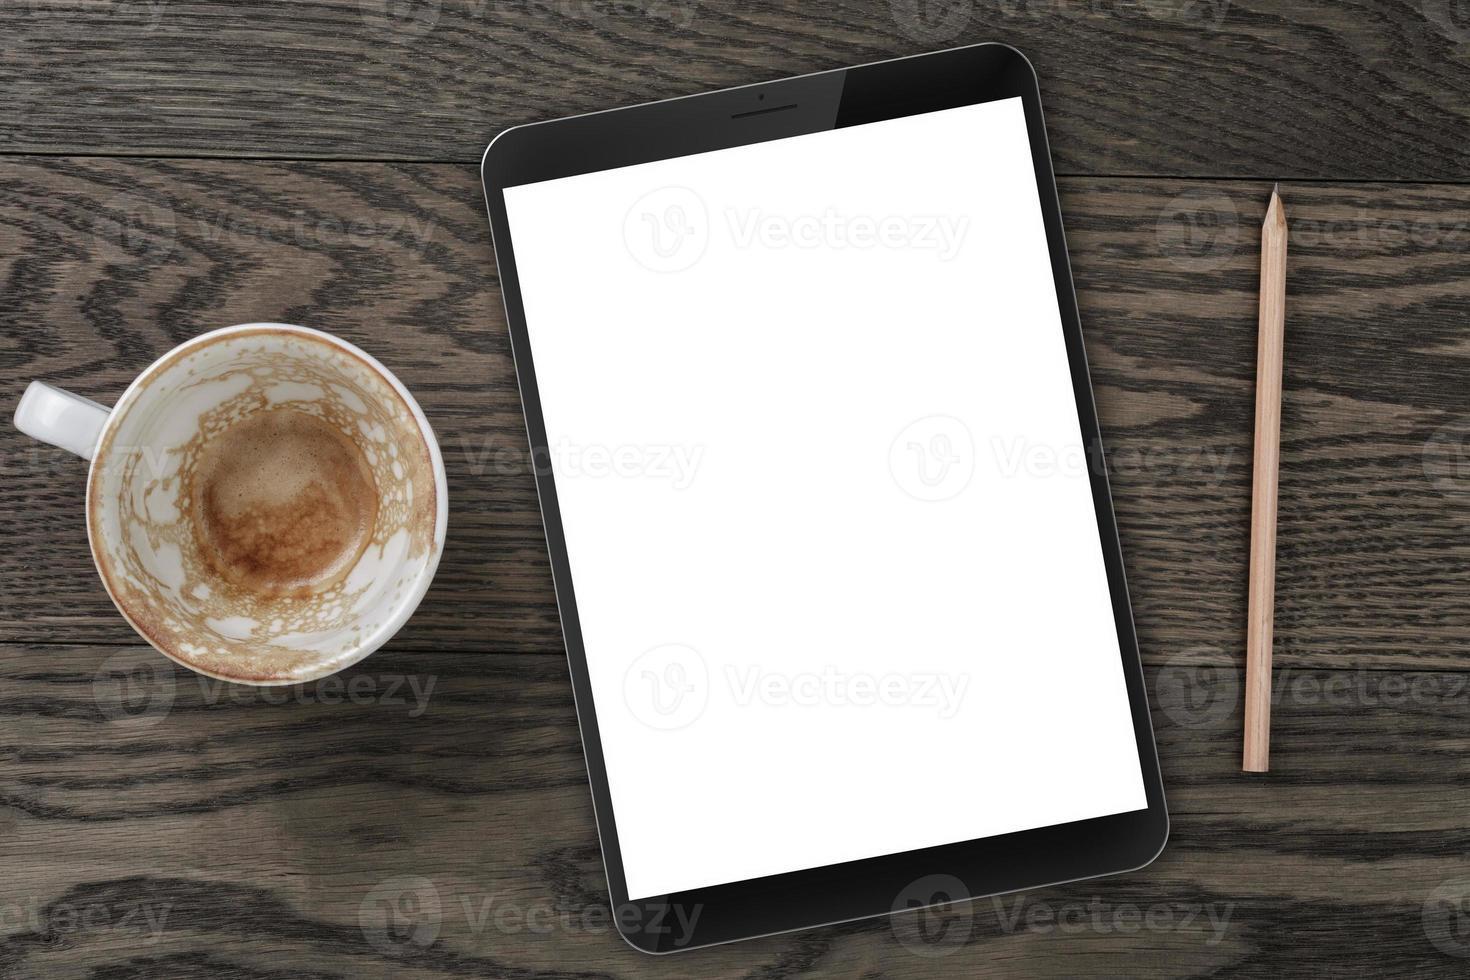 vue de dessus de table avec tasse de café vide, tablette photo